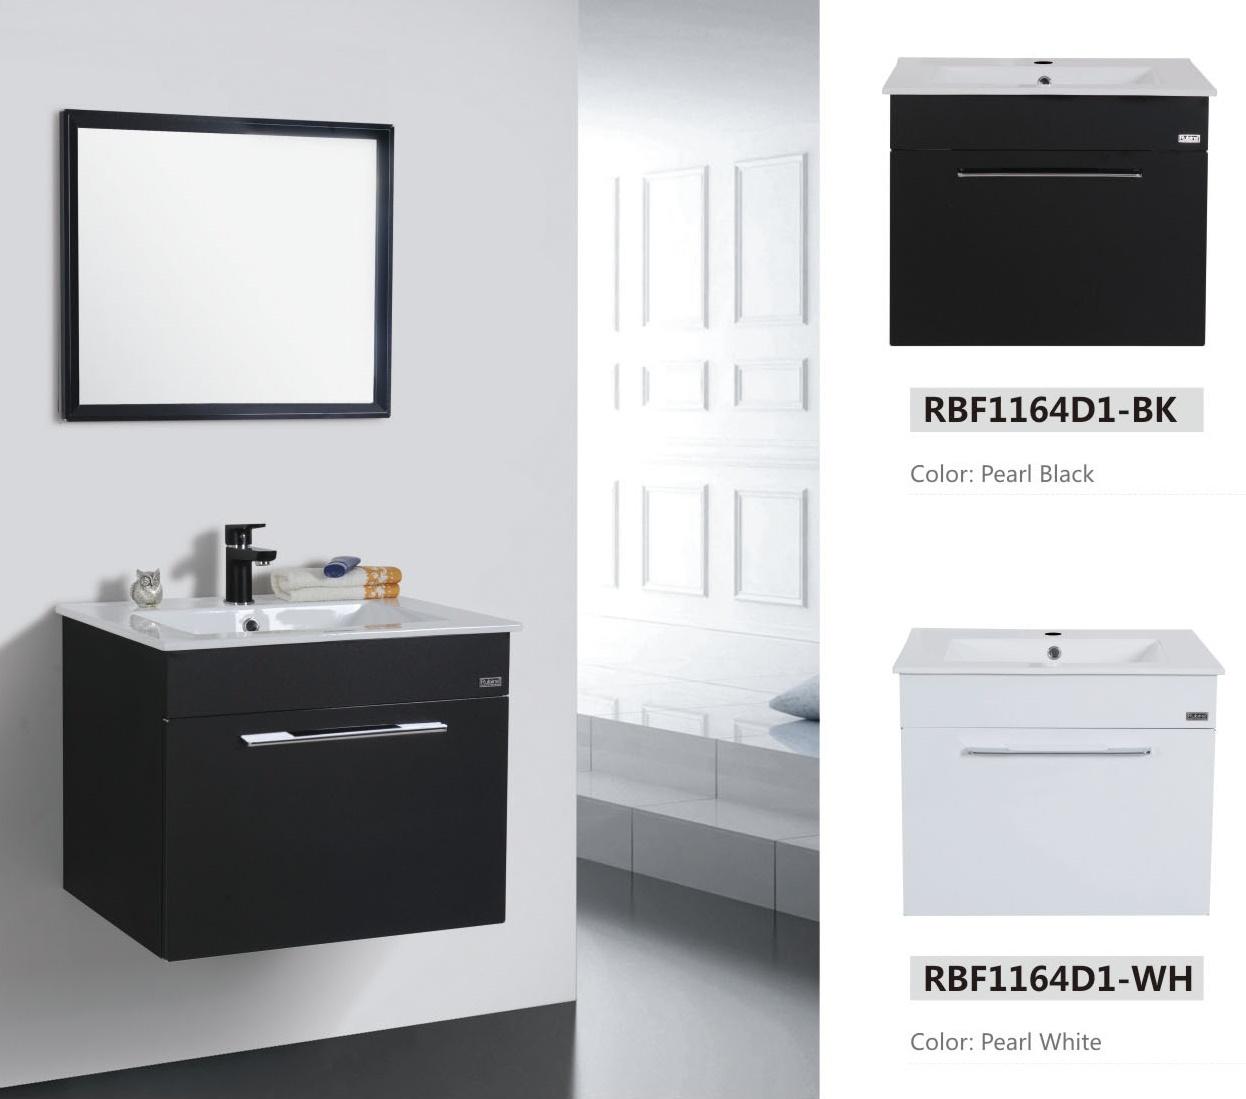 Stainless Steel Bathroom Vanity Cabinet Singapore - Vanity Ideas